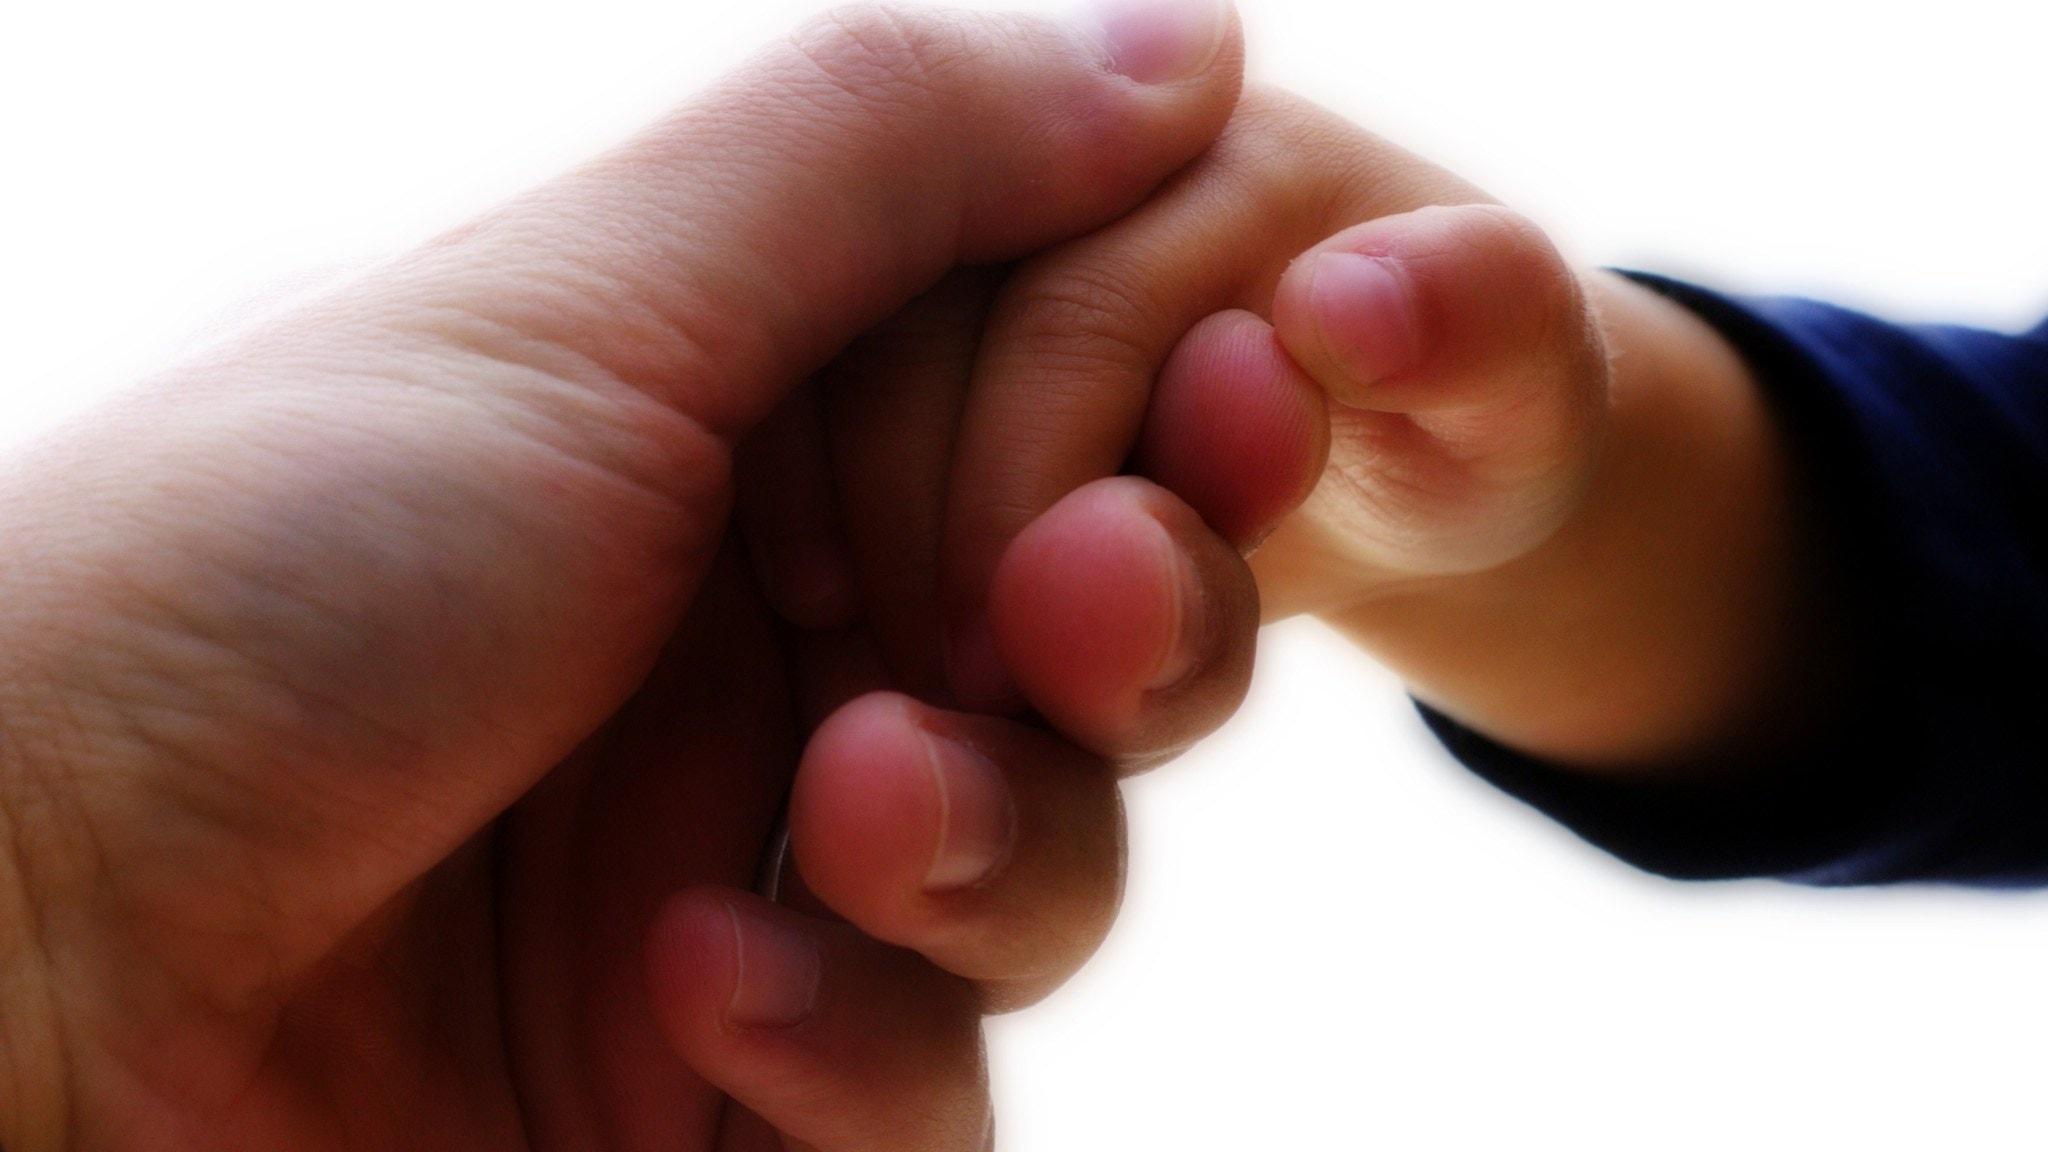 hålla handen. Foto: Jonathan Cohen/flickr